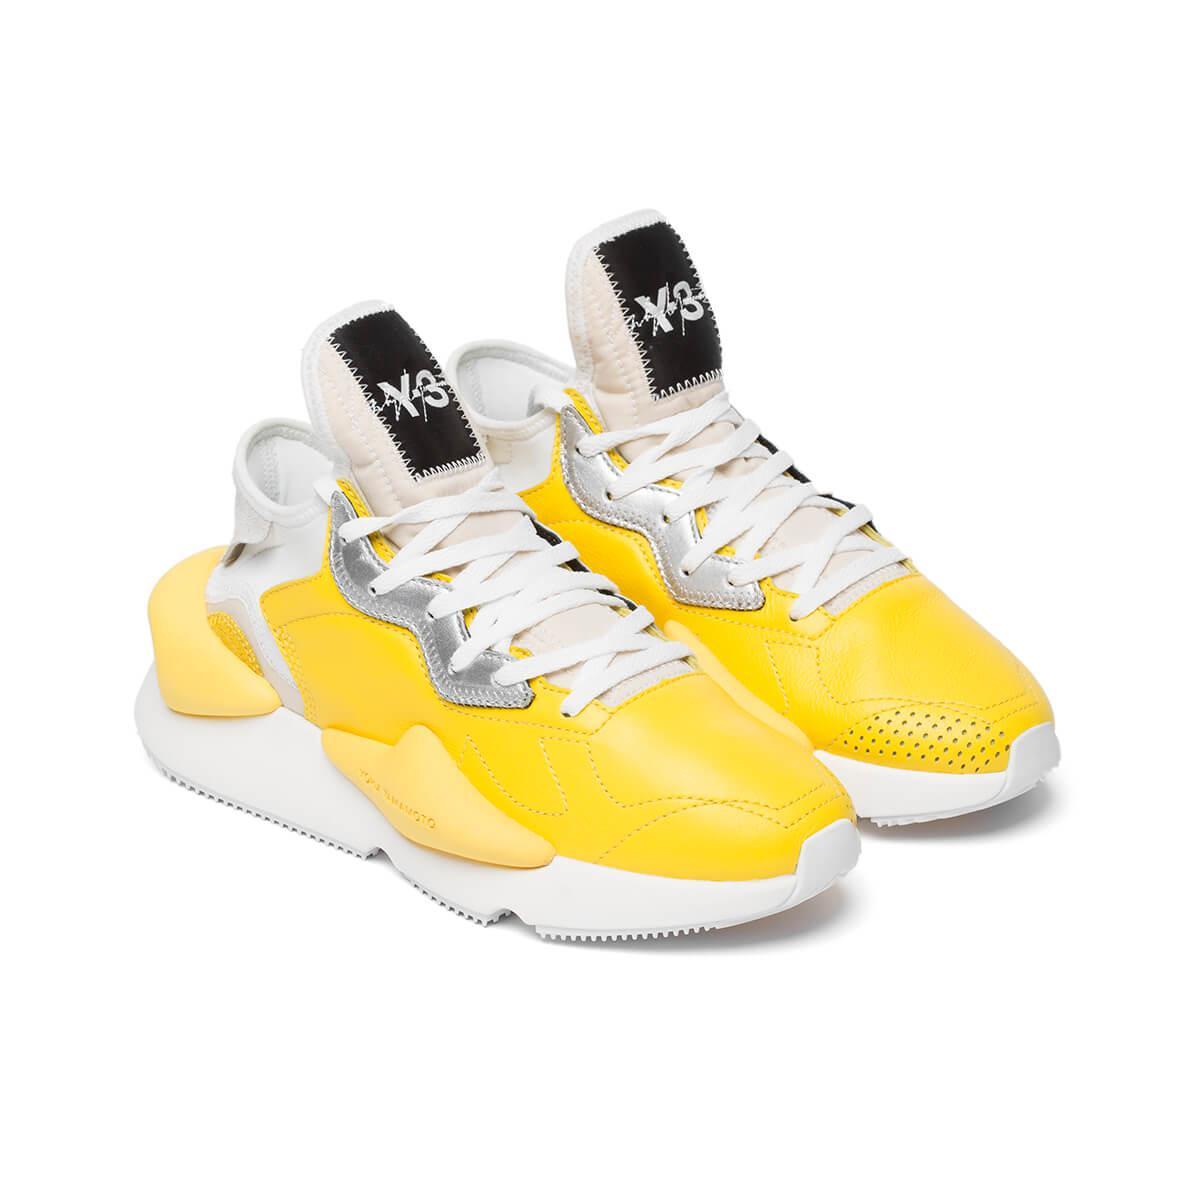 adidas y3 kaiwa yellow- OFF 69% - www